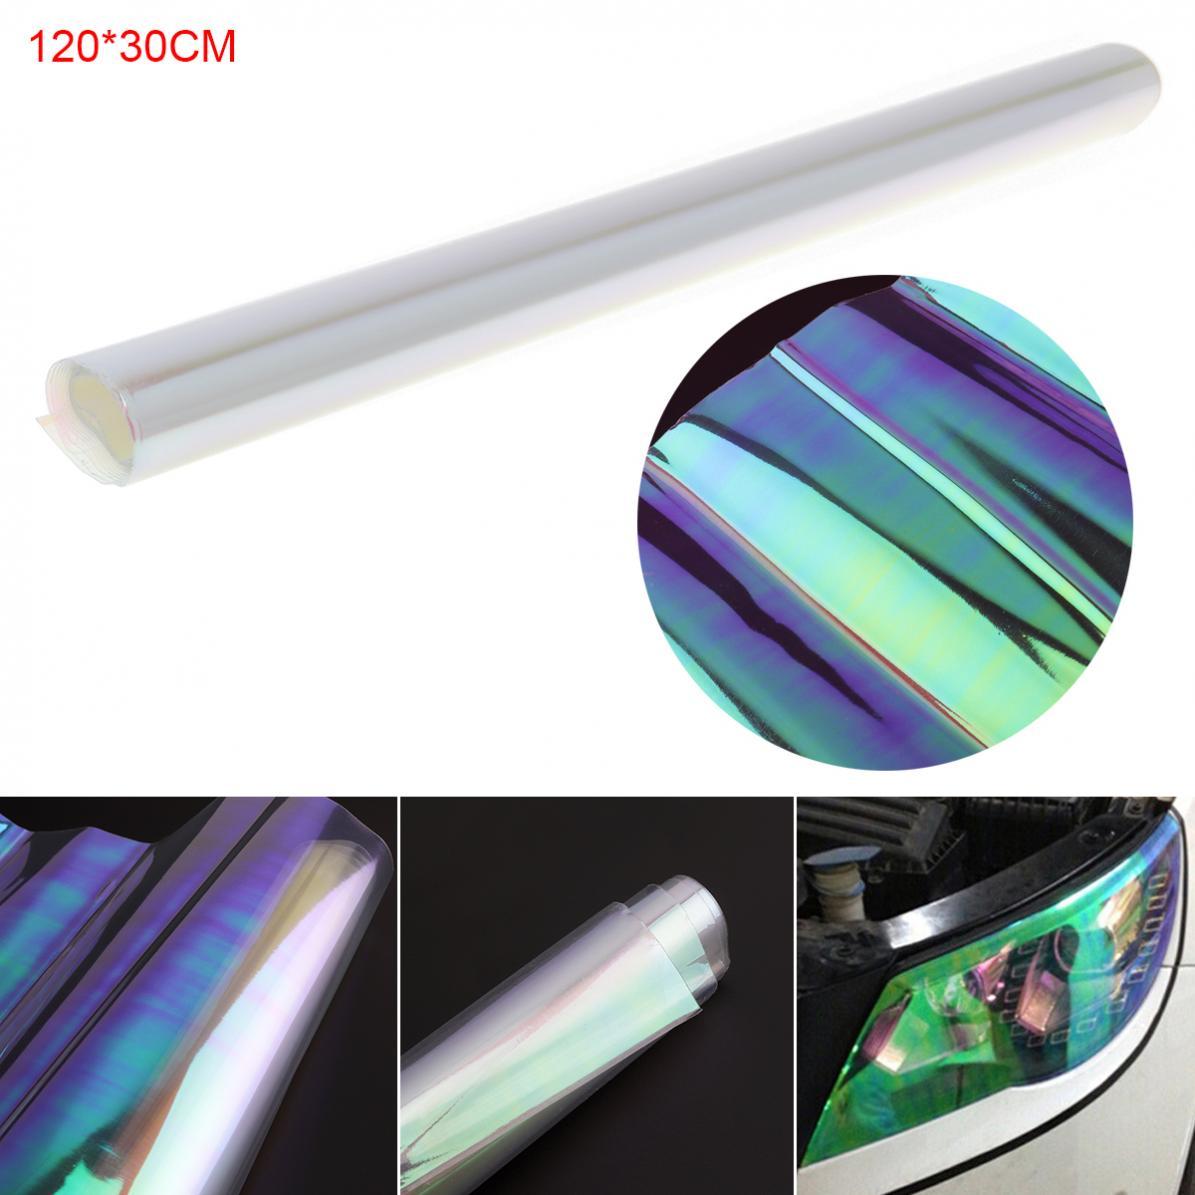 120x30 Cm Pvc Universale Trasparente Colourful Auto Del Faro Sticker Automobile Fanale Posteriore Della Lampada Della Nebbia Di Colore Cambiare Film Autoadesivo